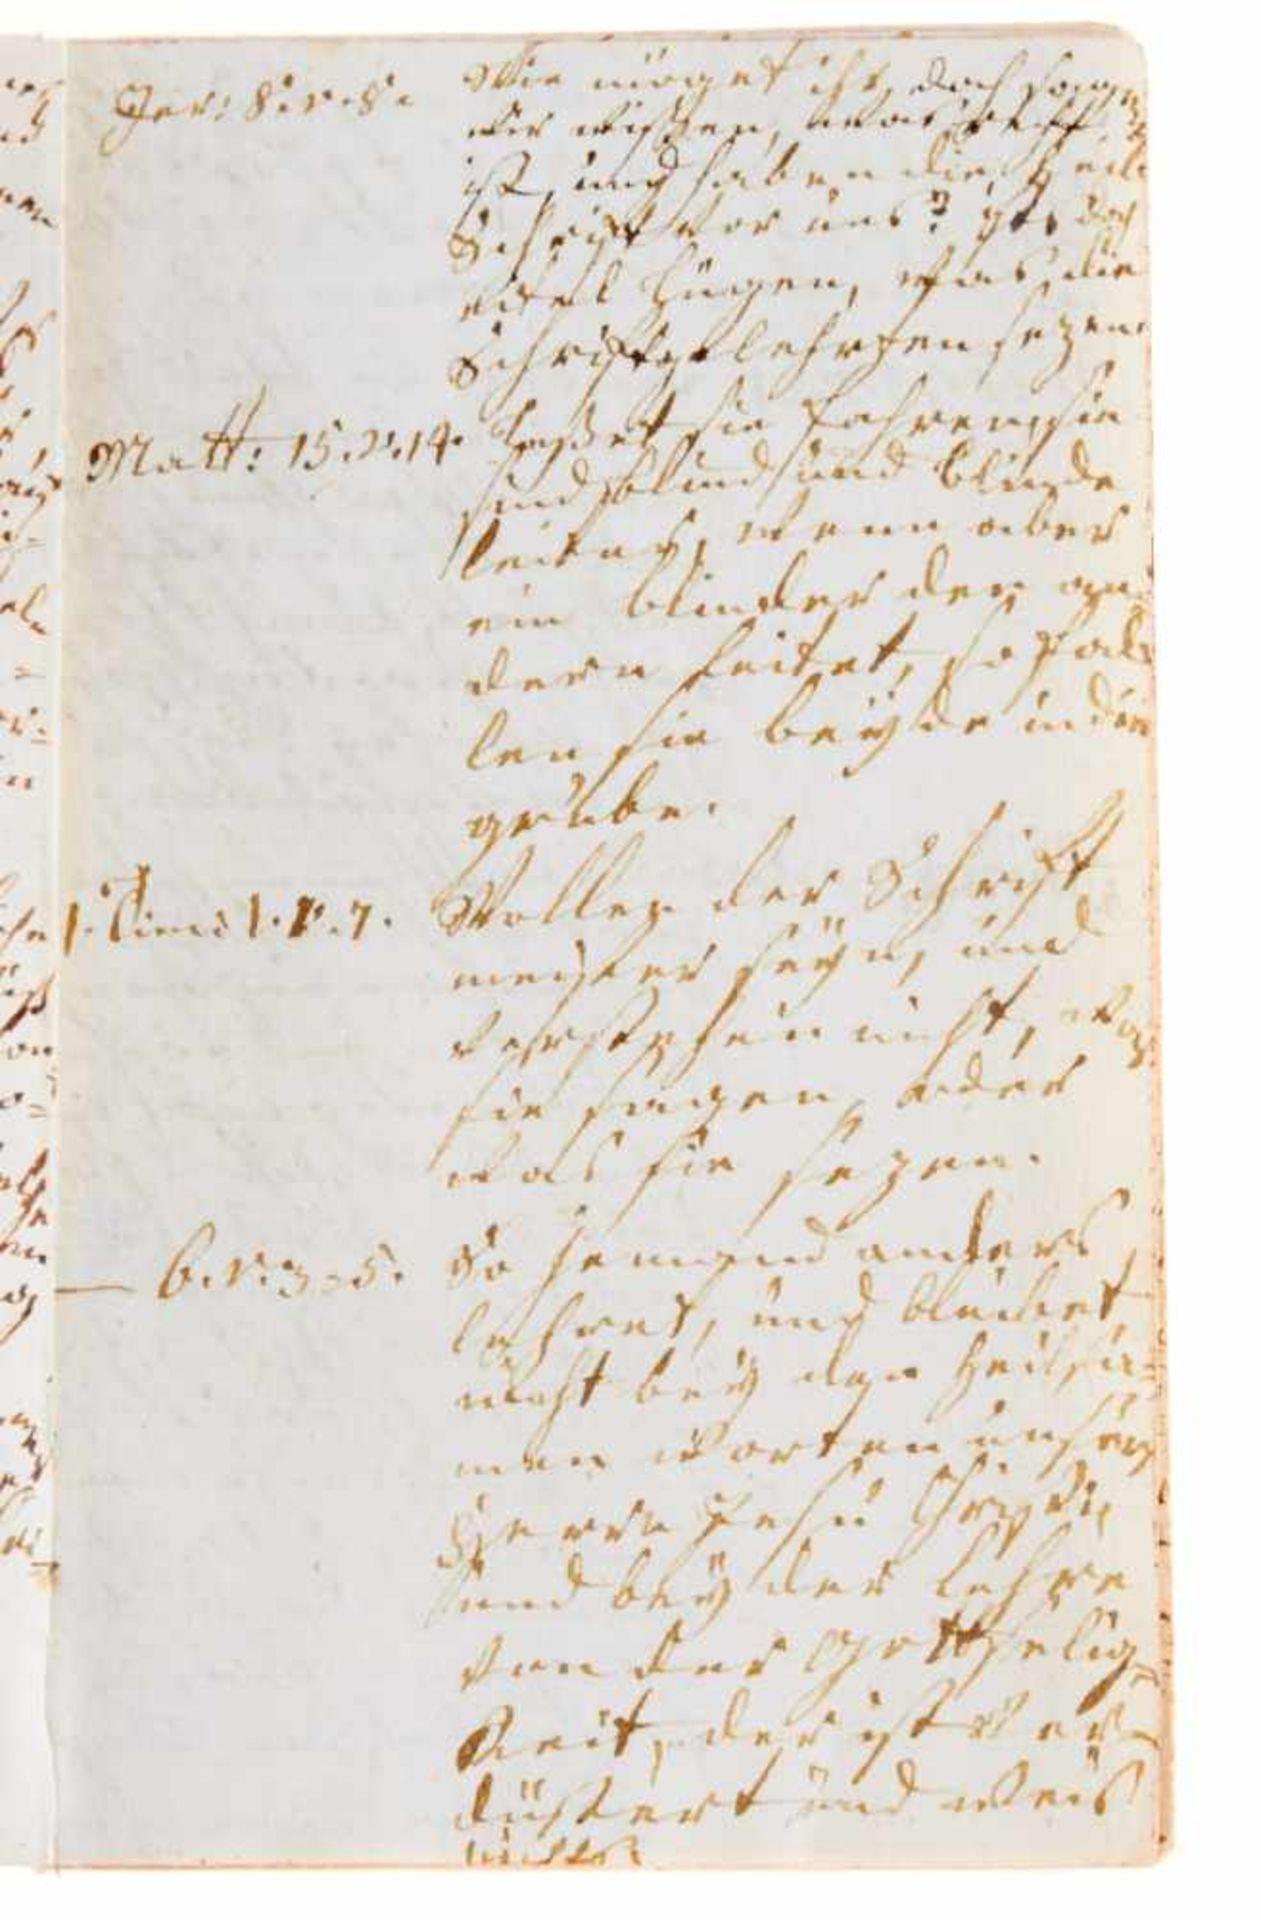 Religiöse Unterweisung- Manuskript aus dem theologischen Unterricht der JulianeMarie von - Bild 3 aus 3